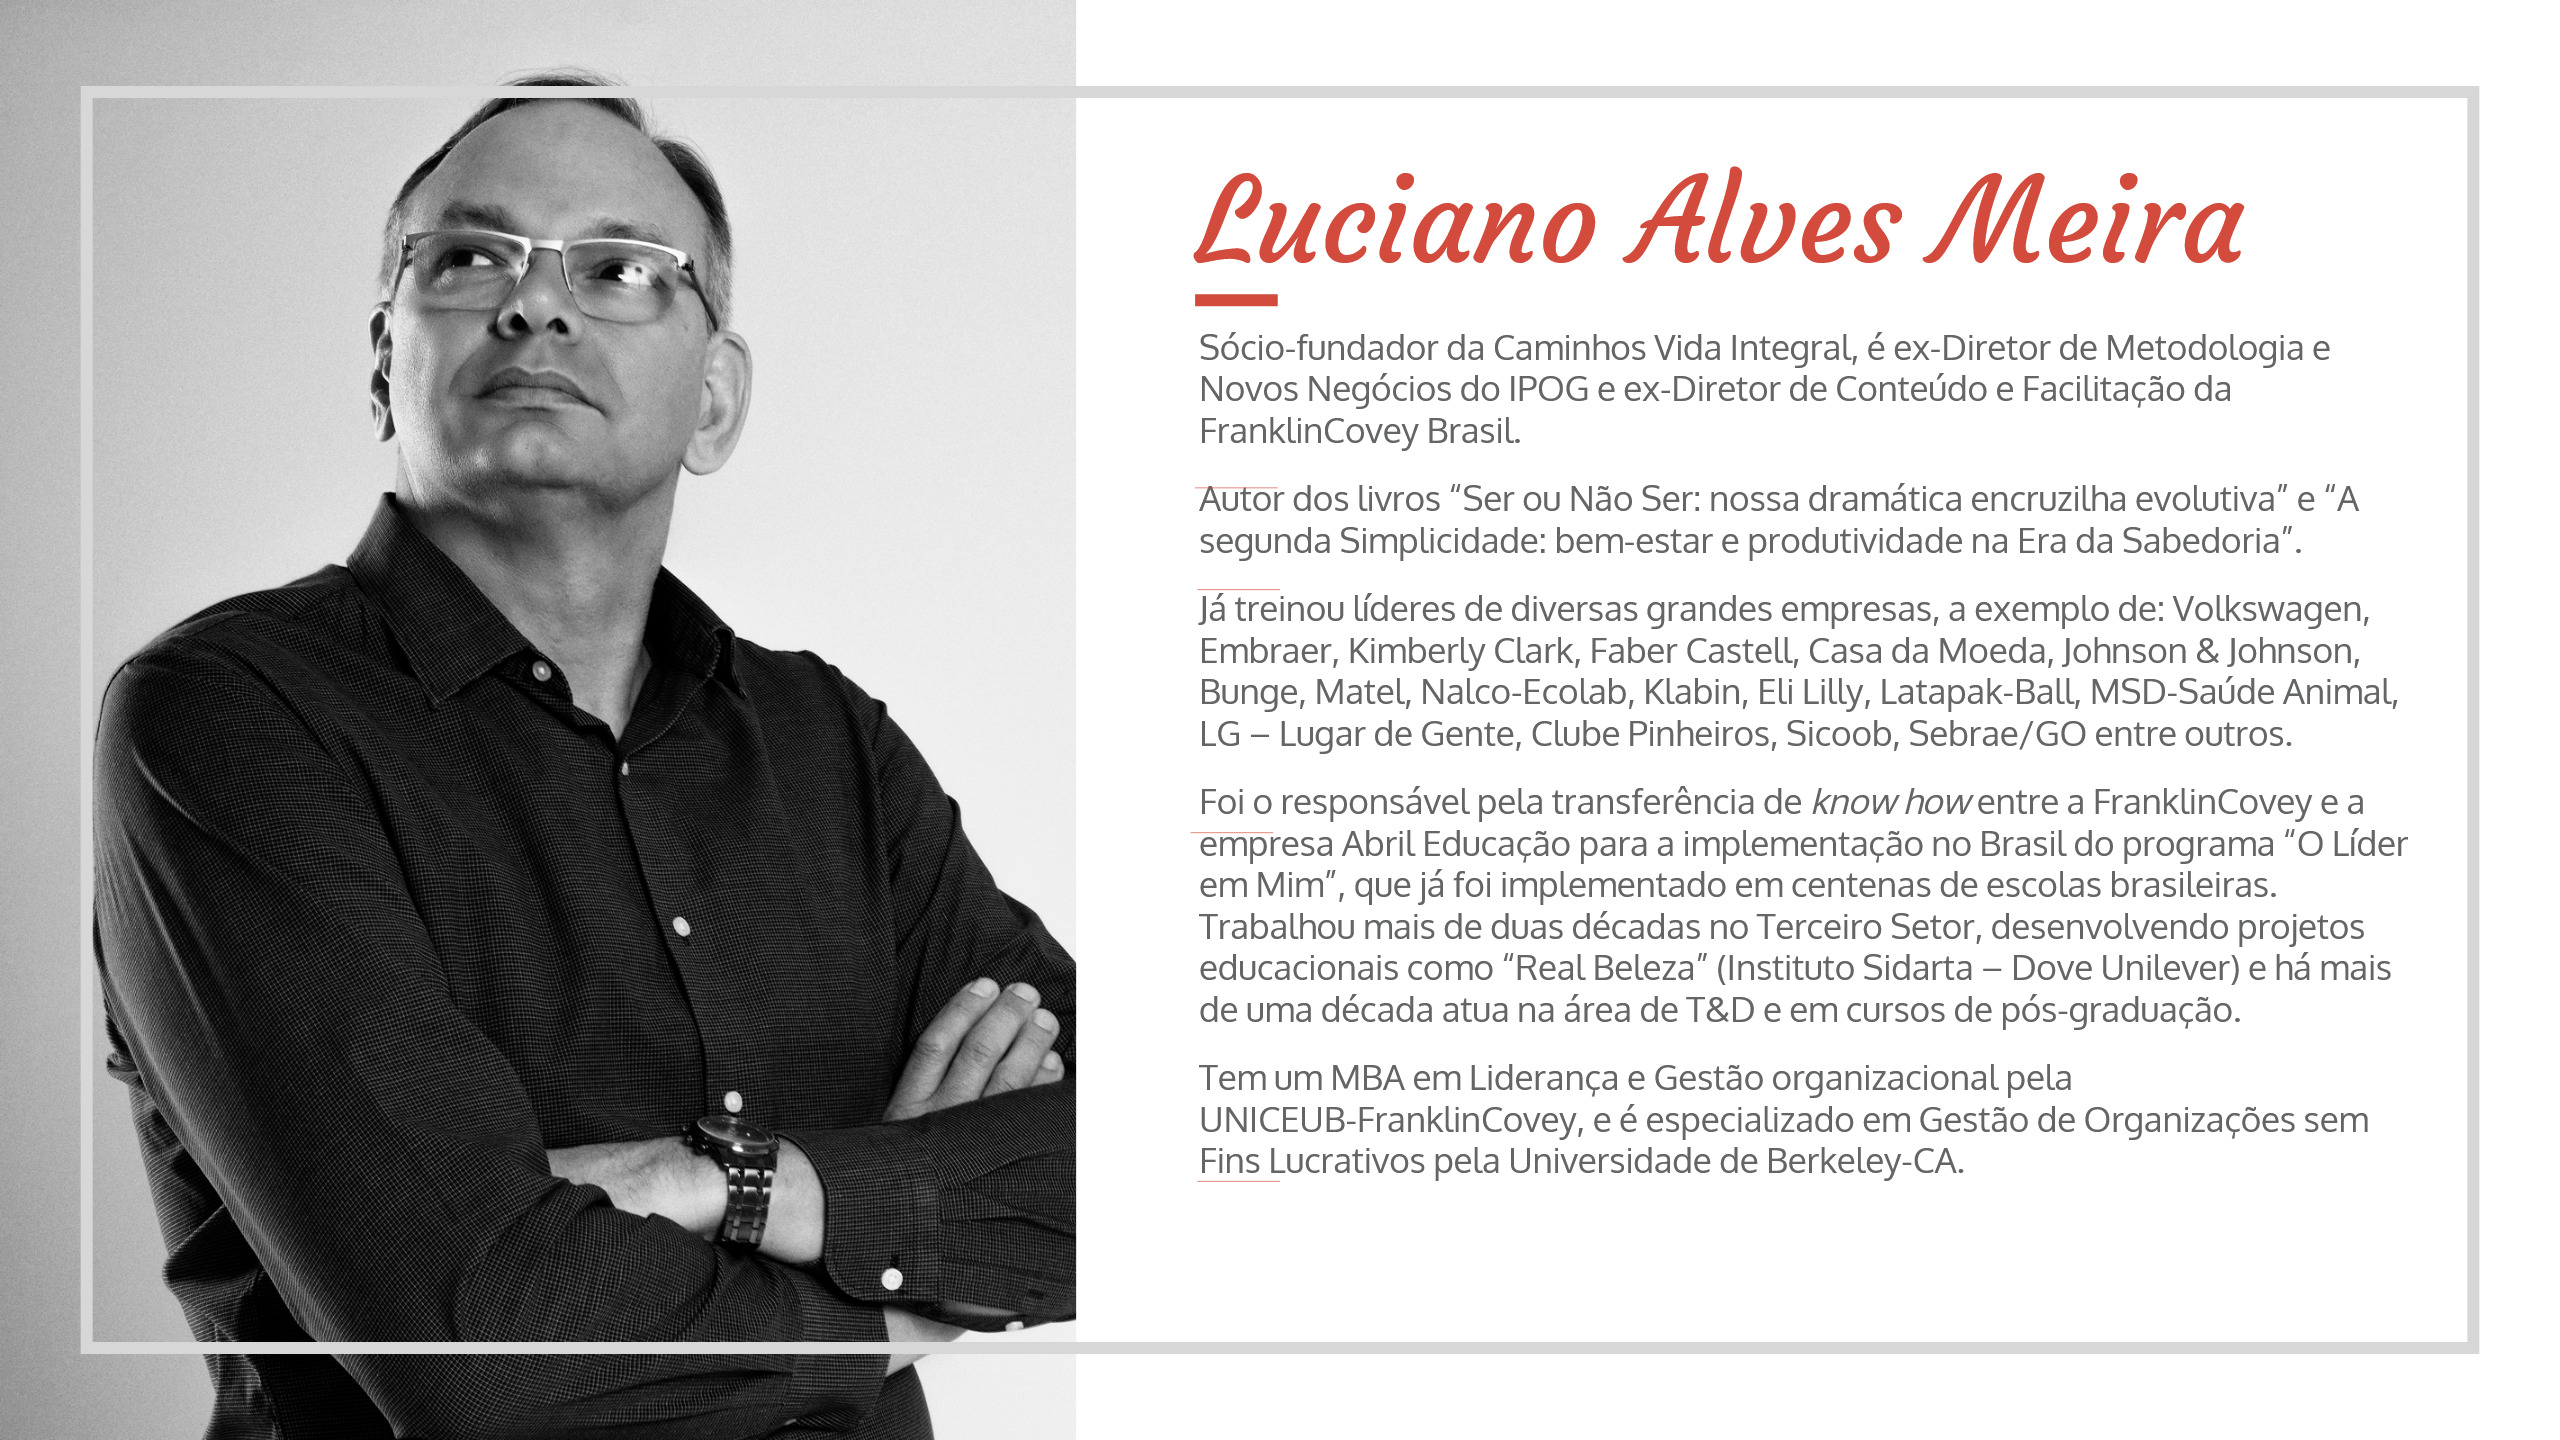 LucianoAlvesMeira